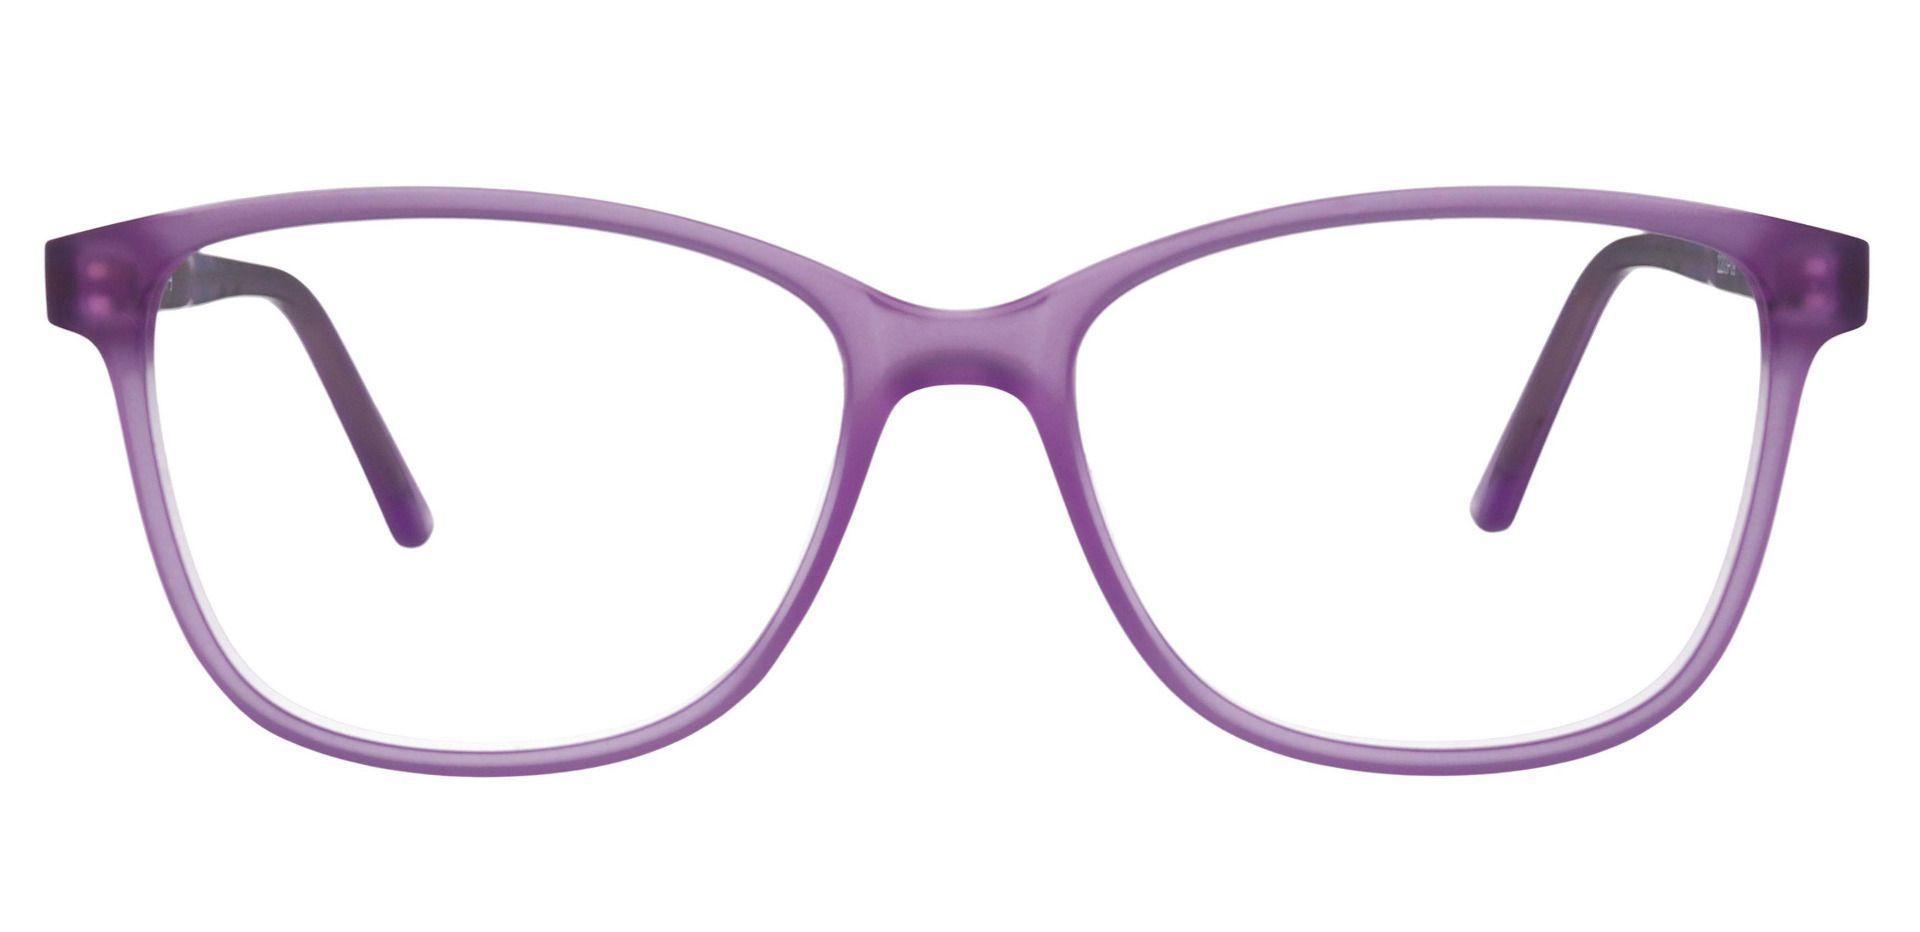 Argyle Rectangle Prescription Glasses - Purple